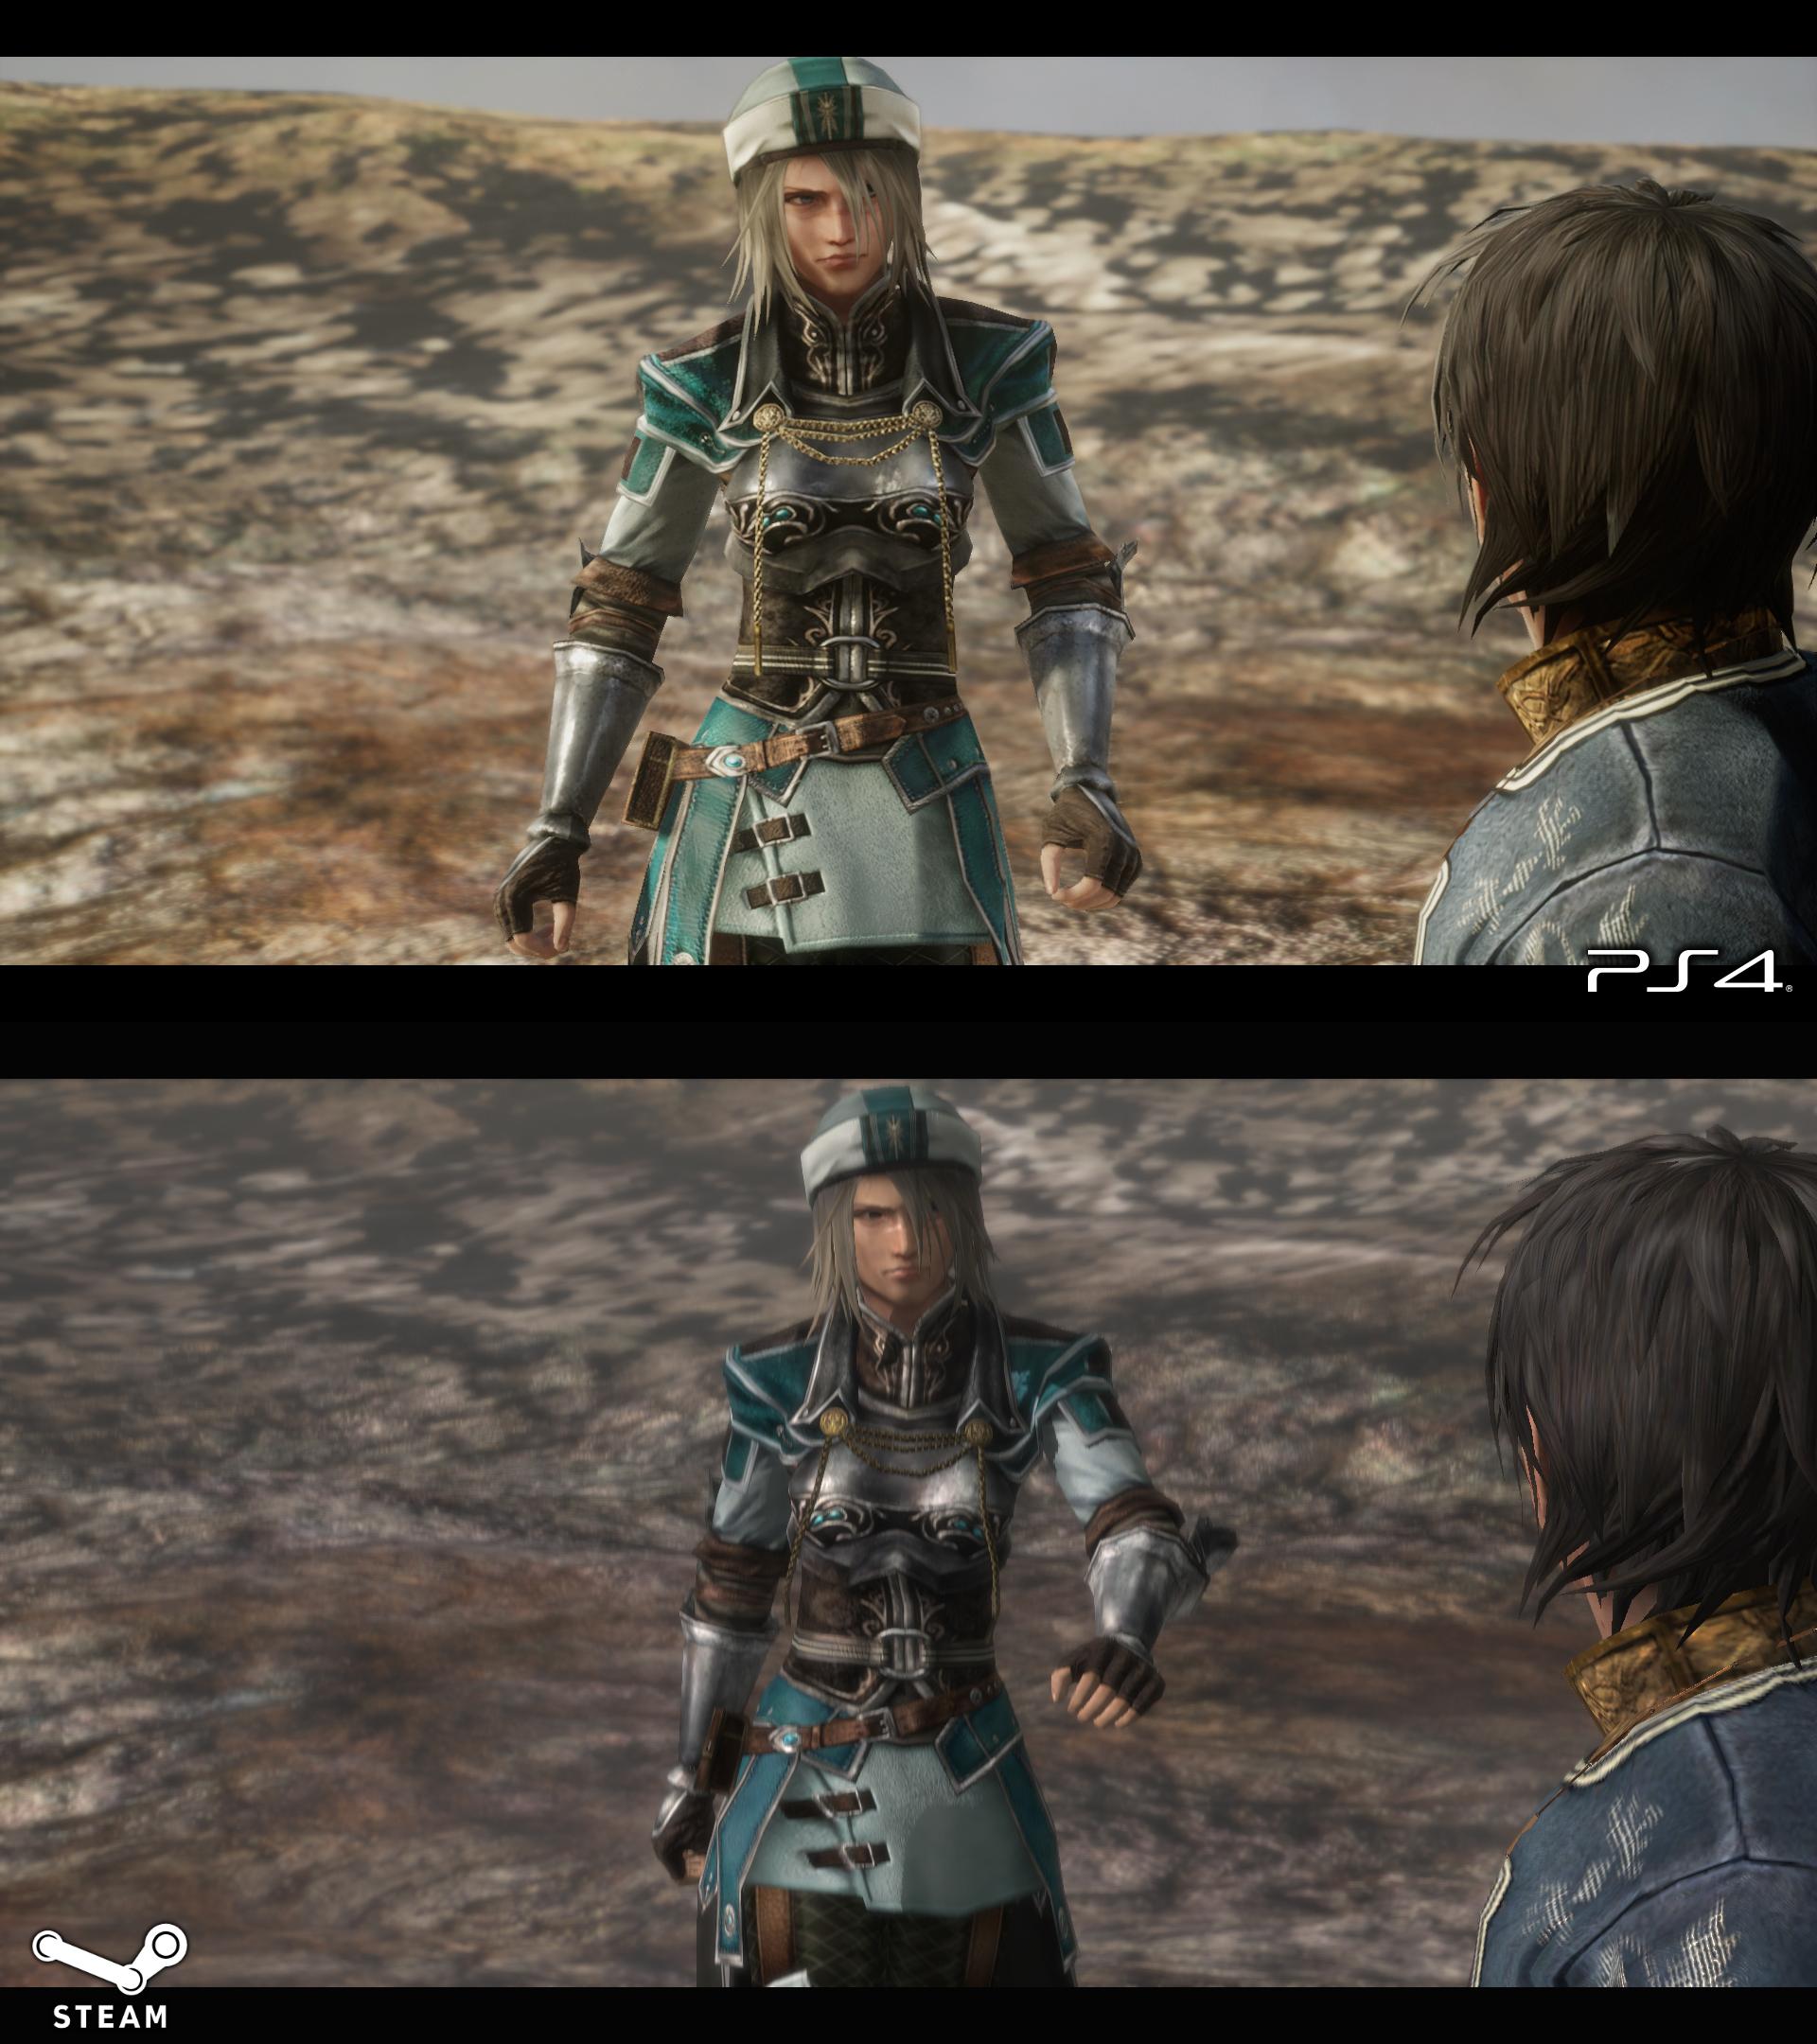 Сравнение графики на PS4 [Ремастер 2018] и ПК [2009] - Last Remnant, the